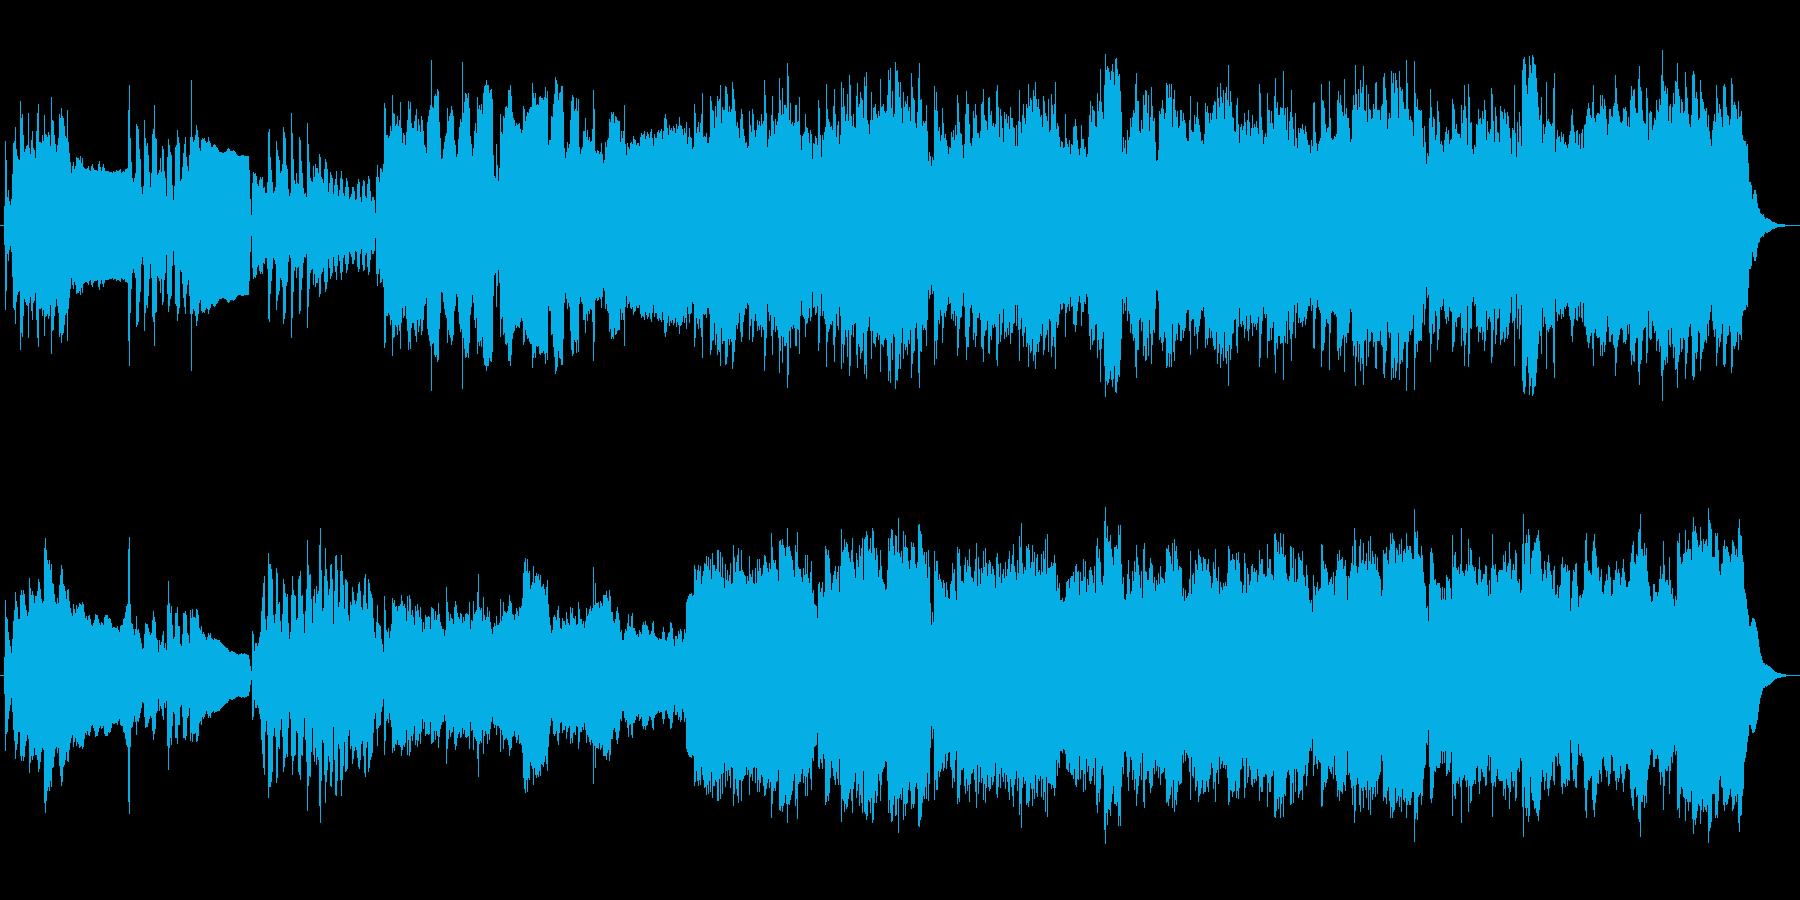 悲しいドラマチックバラードの再生済みの波形